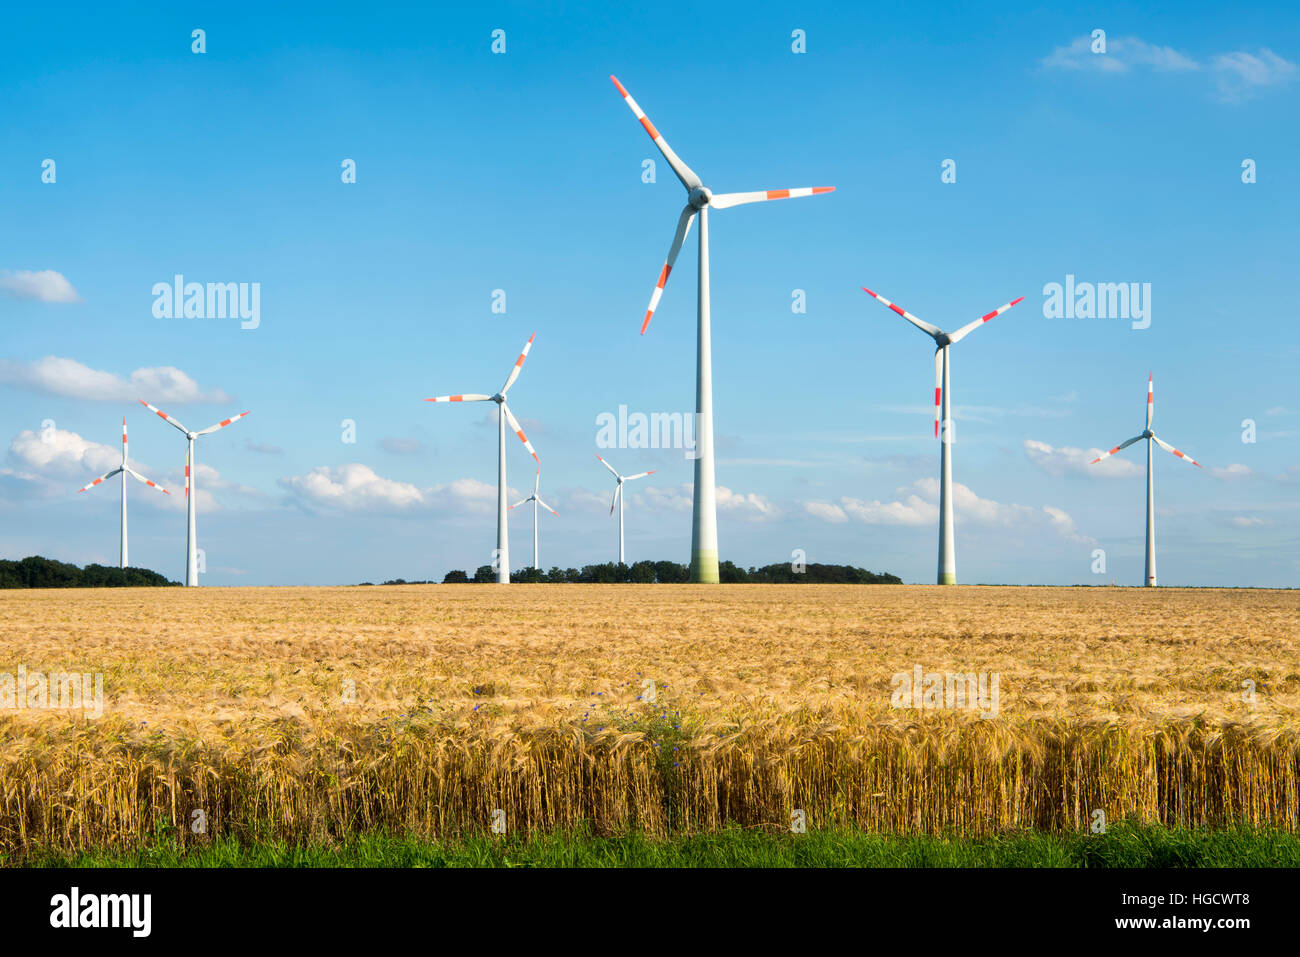 Deutschland, Nordrhein-Westfalen, Kreis Borken, Ahaus, Windpark nordöstlich von Ahaus - Stock Image